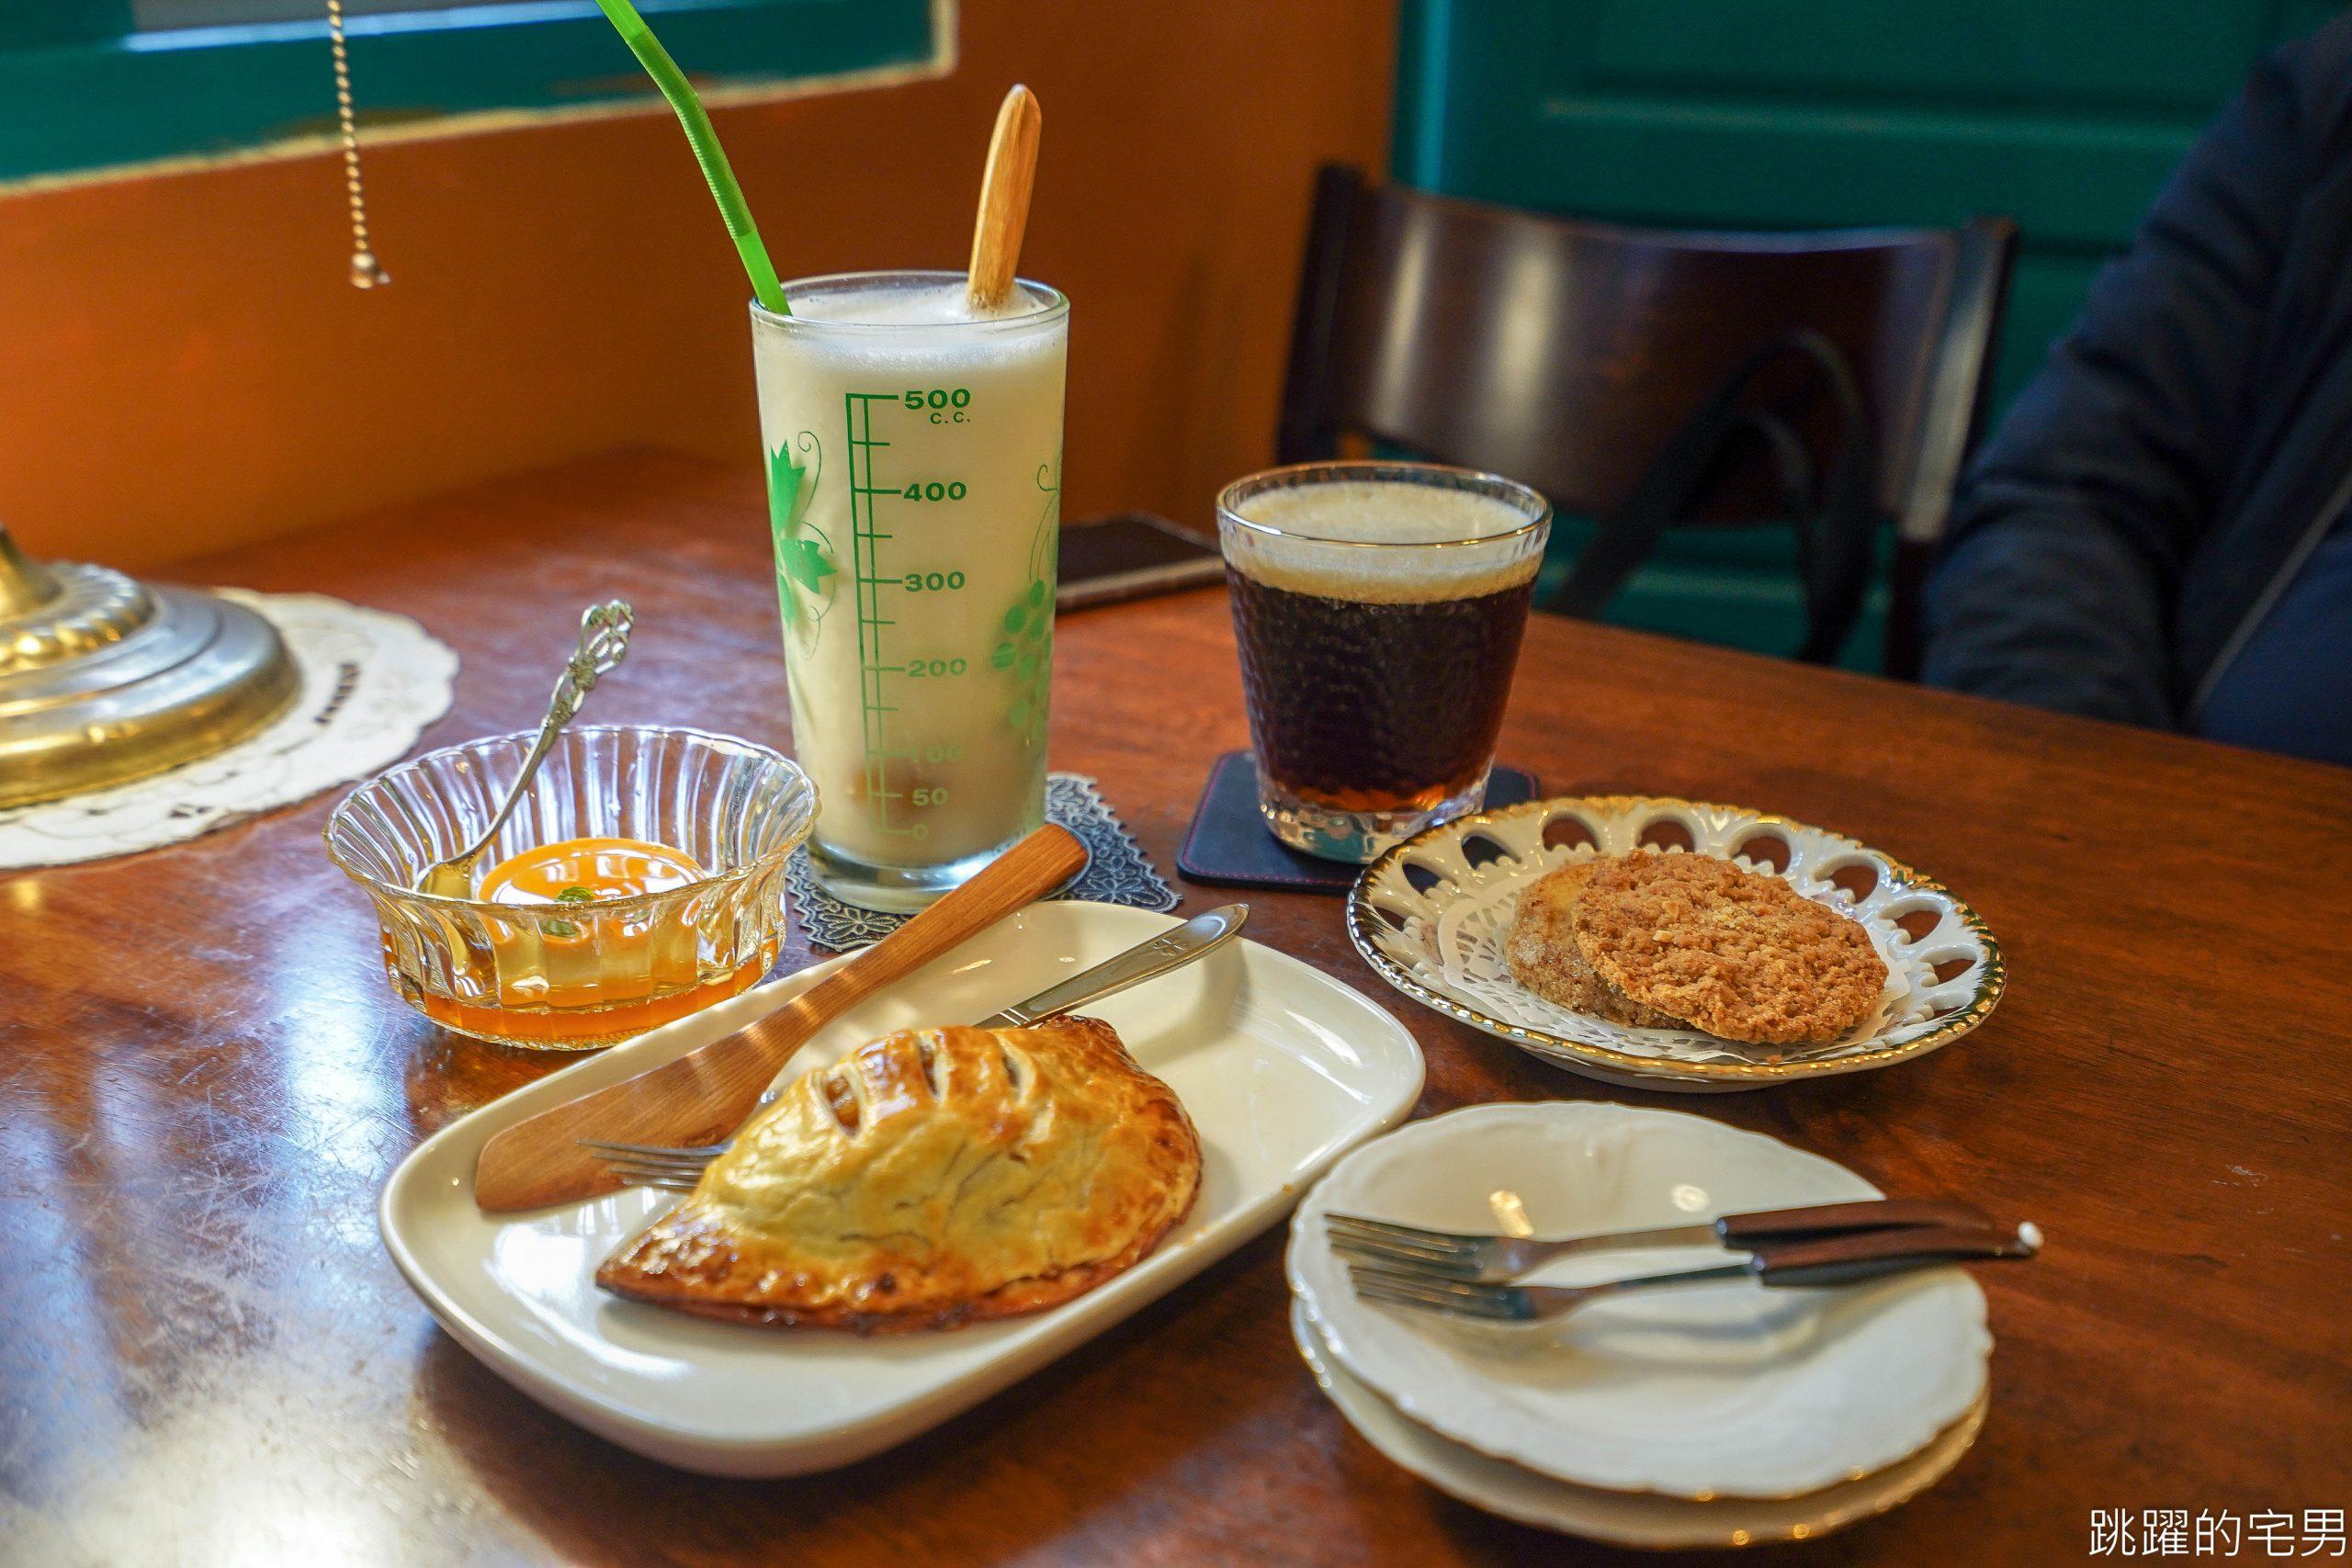 [花蓮下午茶]雨田一二樓-花蓮50年老宅咖啡廳擺滿懷舊古物 2樓風格超清新  真心超好拍  提供日式布丁 蘋果派 手沖咖啡 花蓮咖啡廳推薦 花蓮老屋咖啡廳